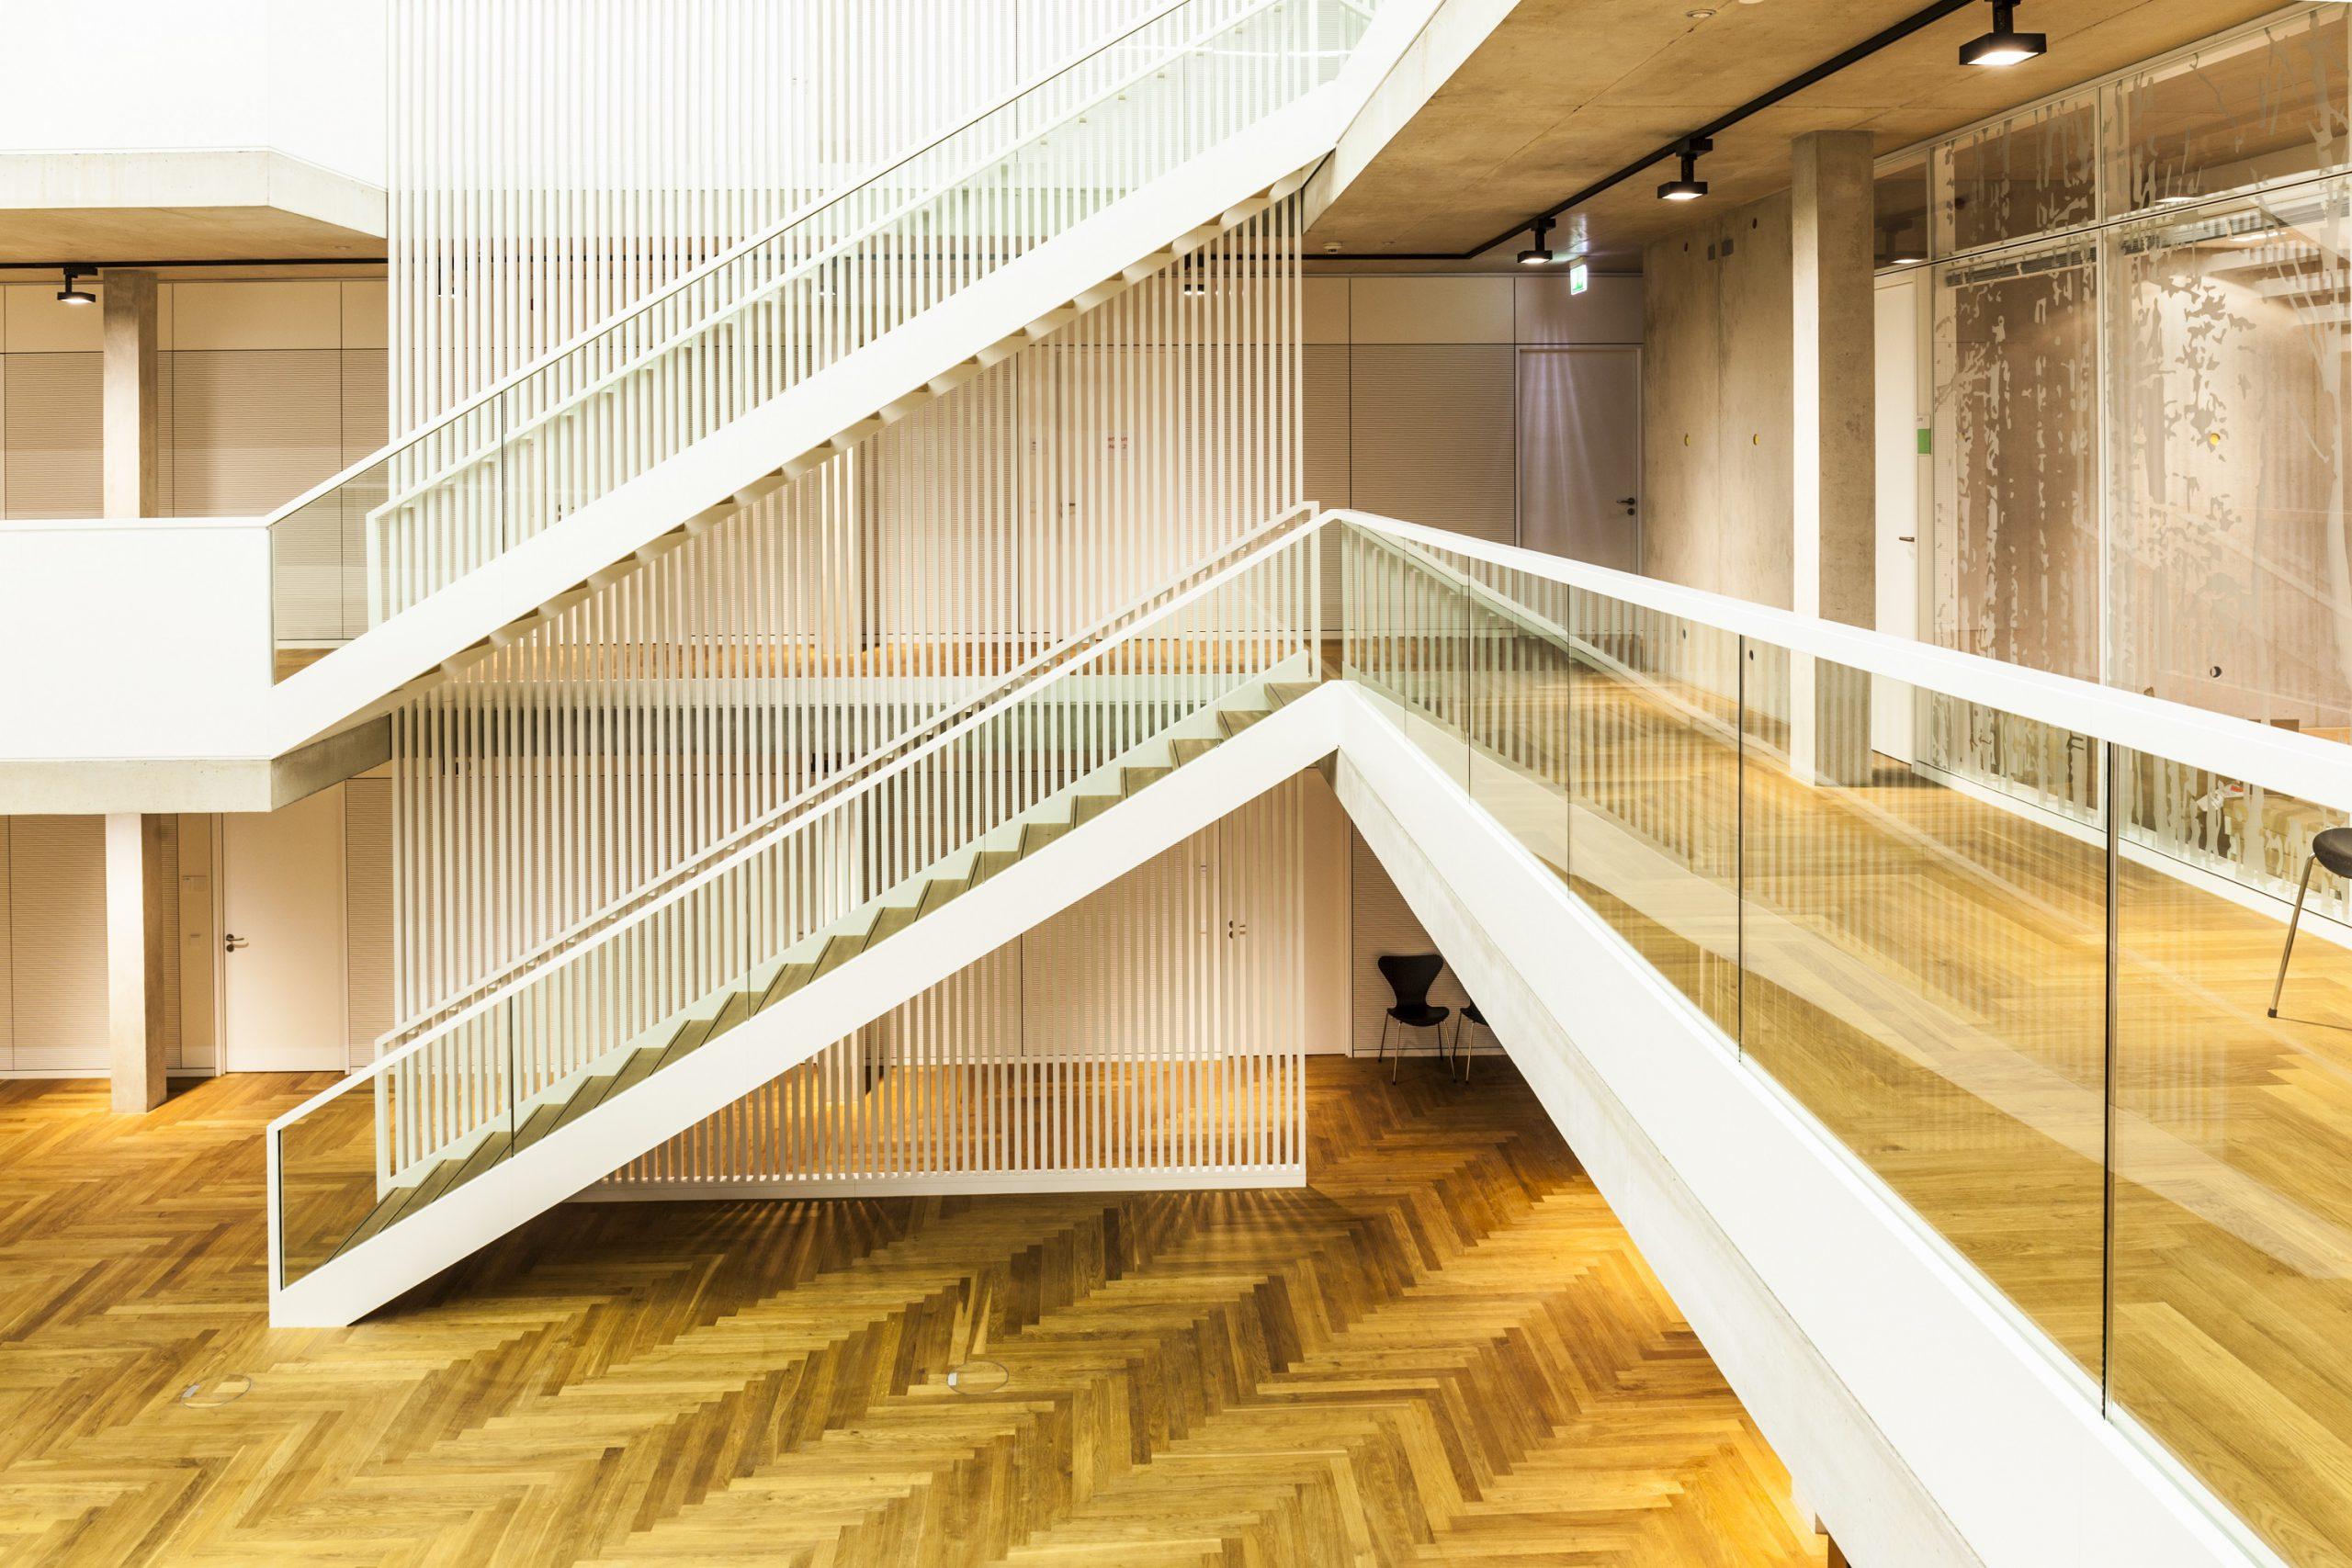 Klares Glas als Balustrade. Holzböden und weiße Geländer.